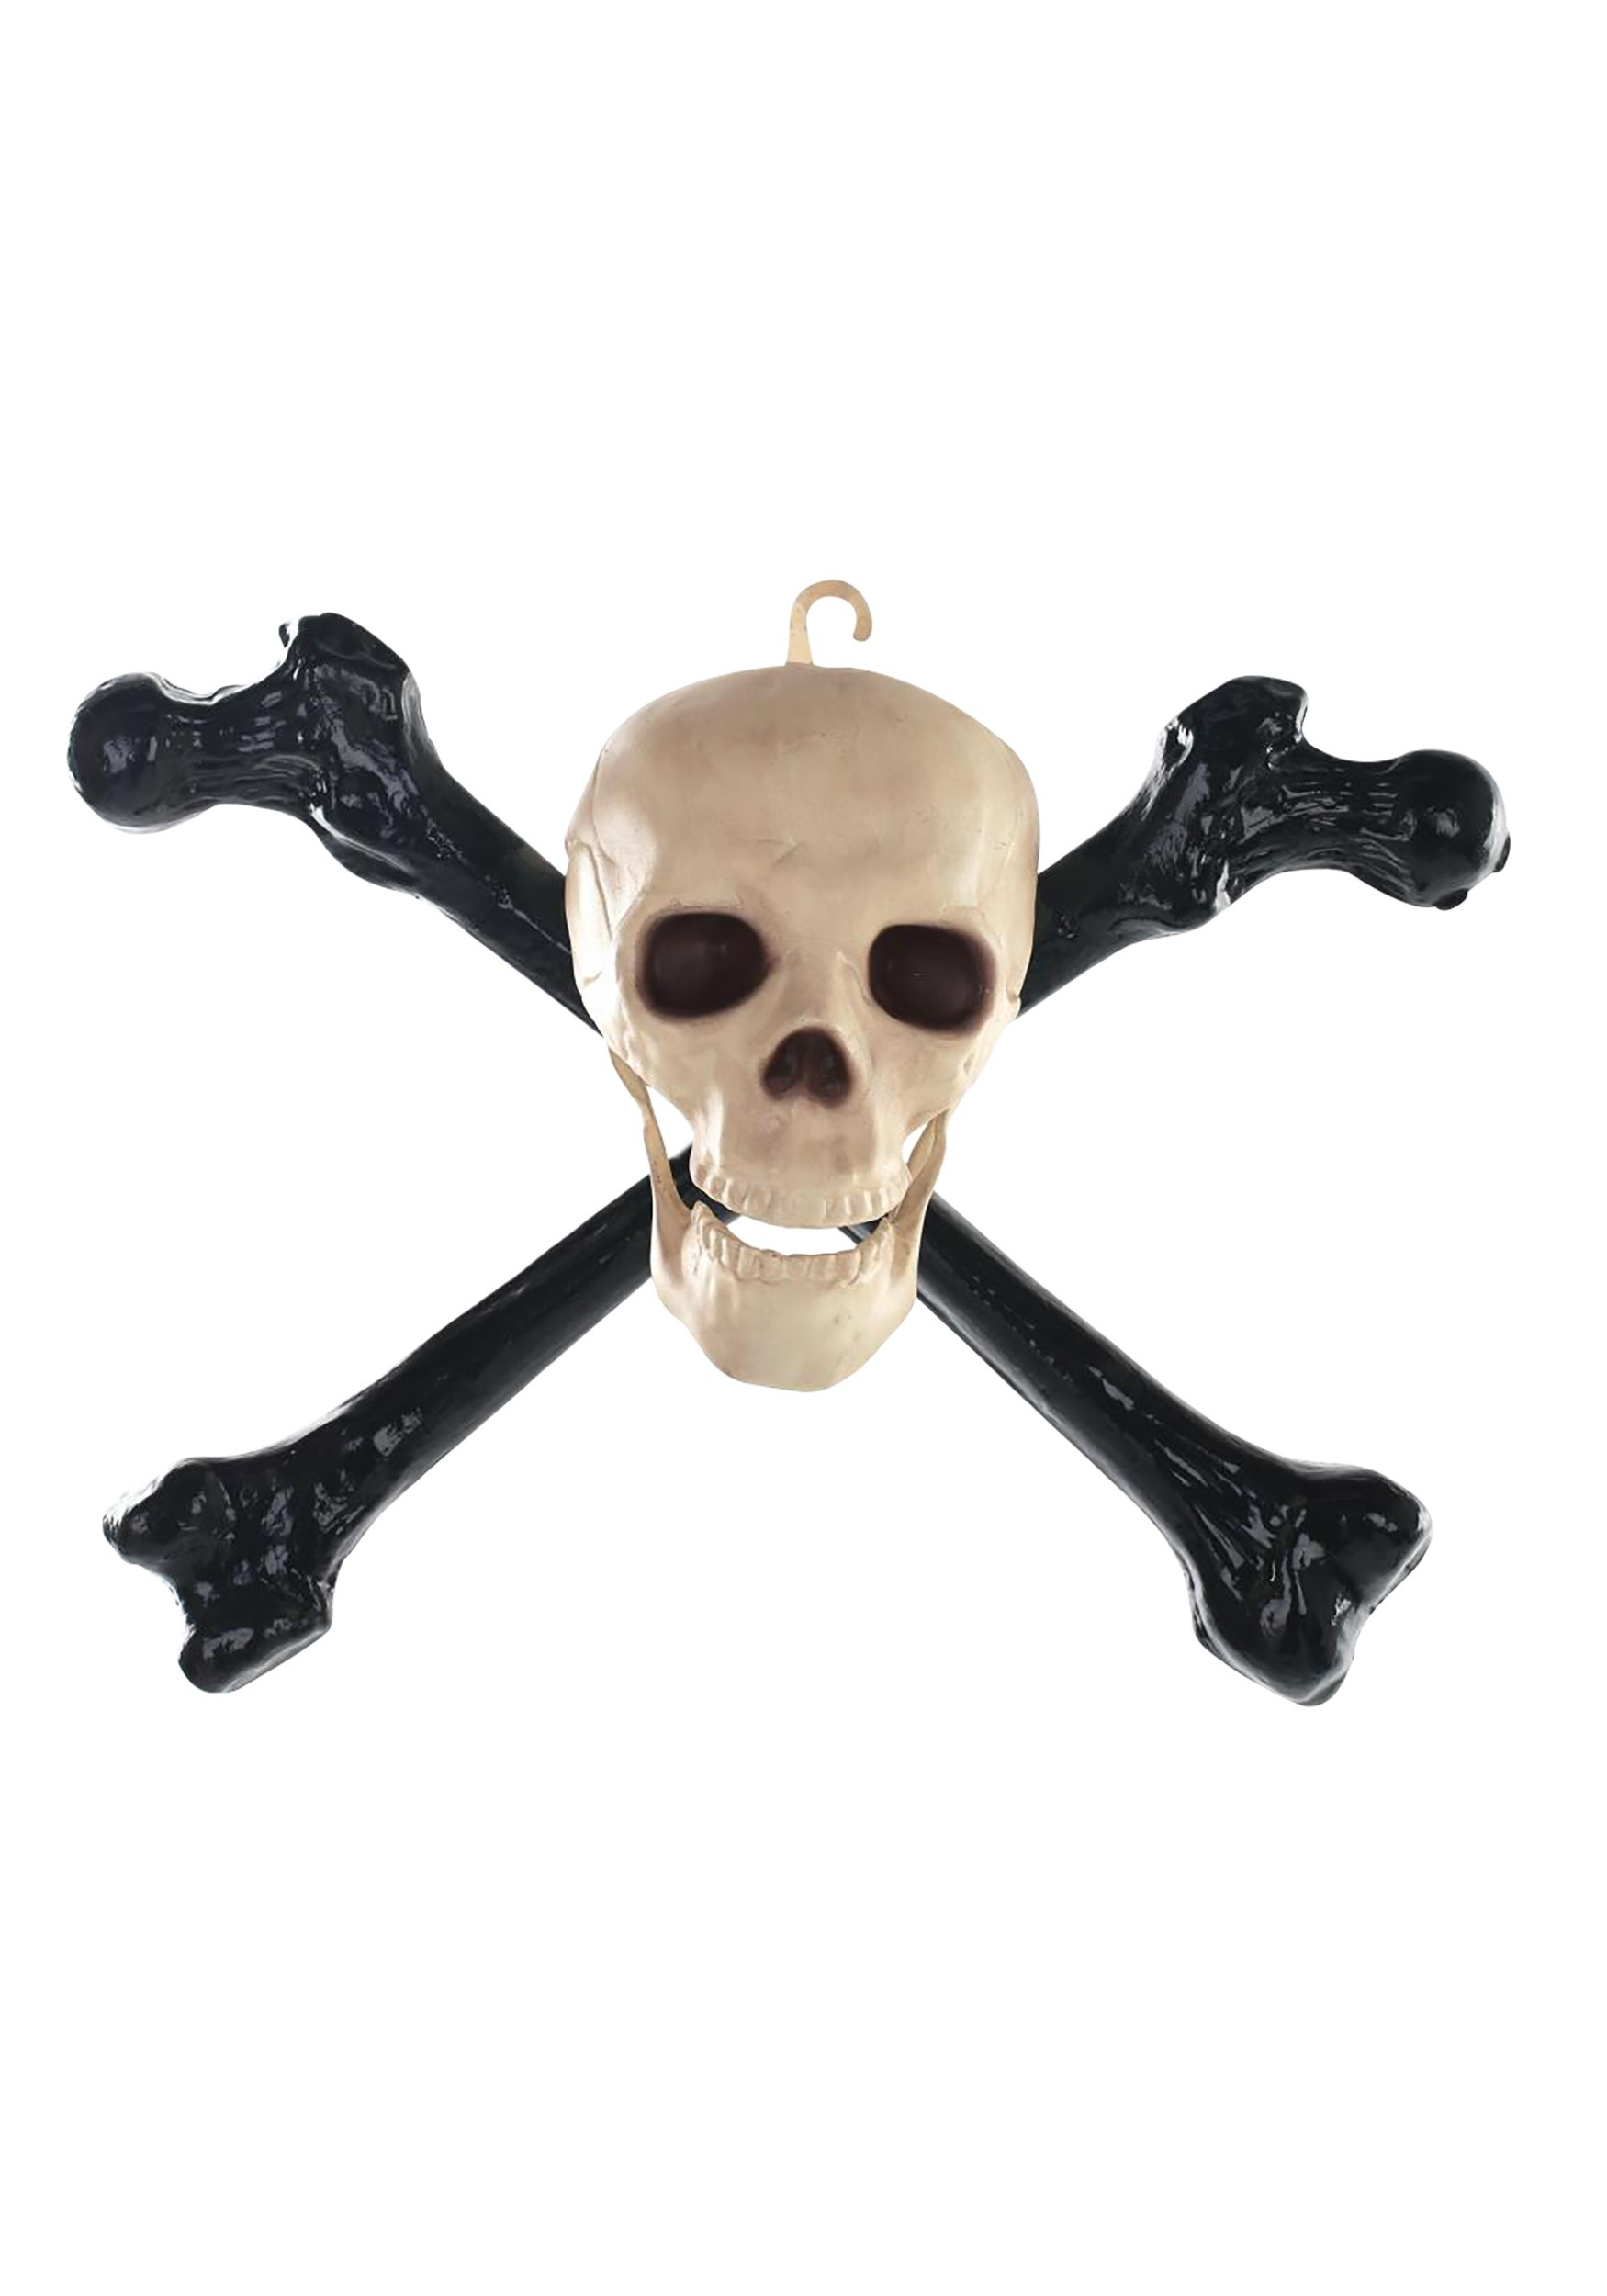 16 skull and crossbones